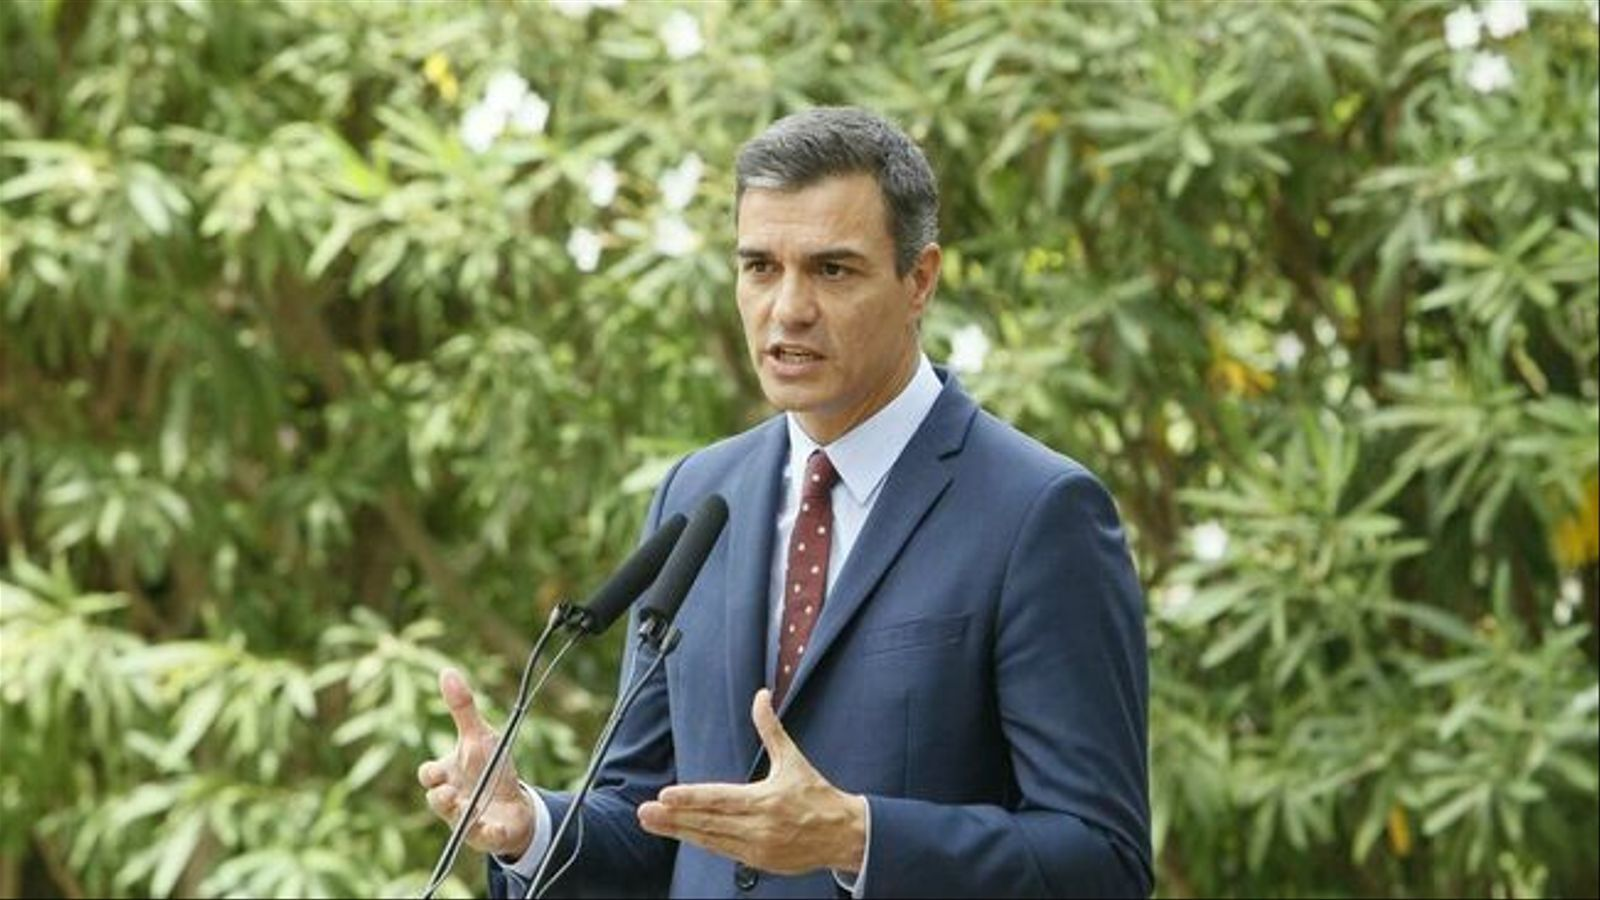 El president del Govern espanyol en funcions, Pedro Sánchez.